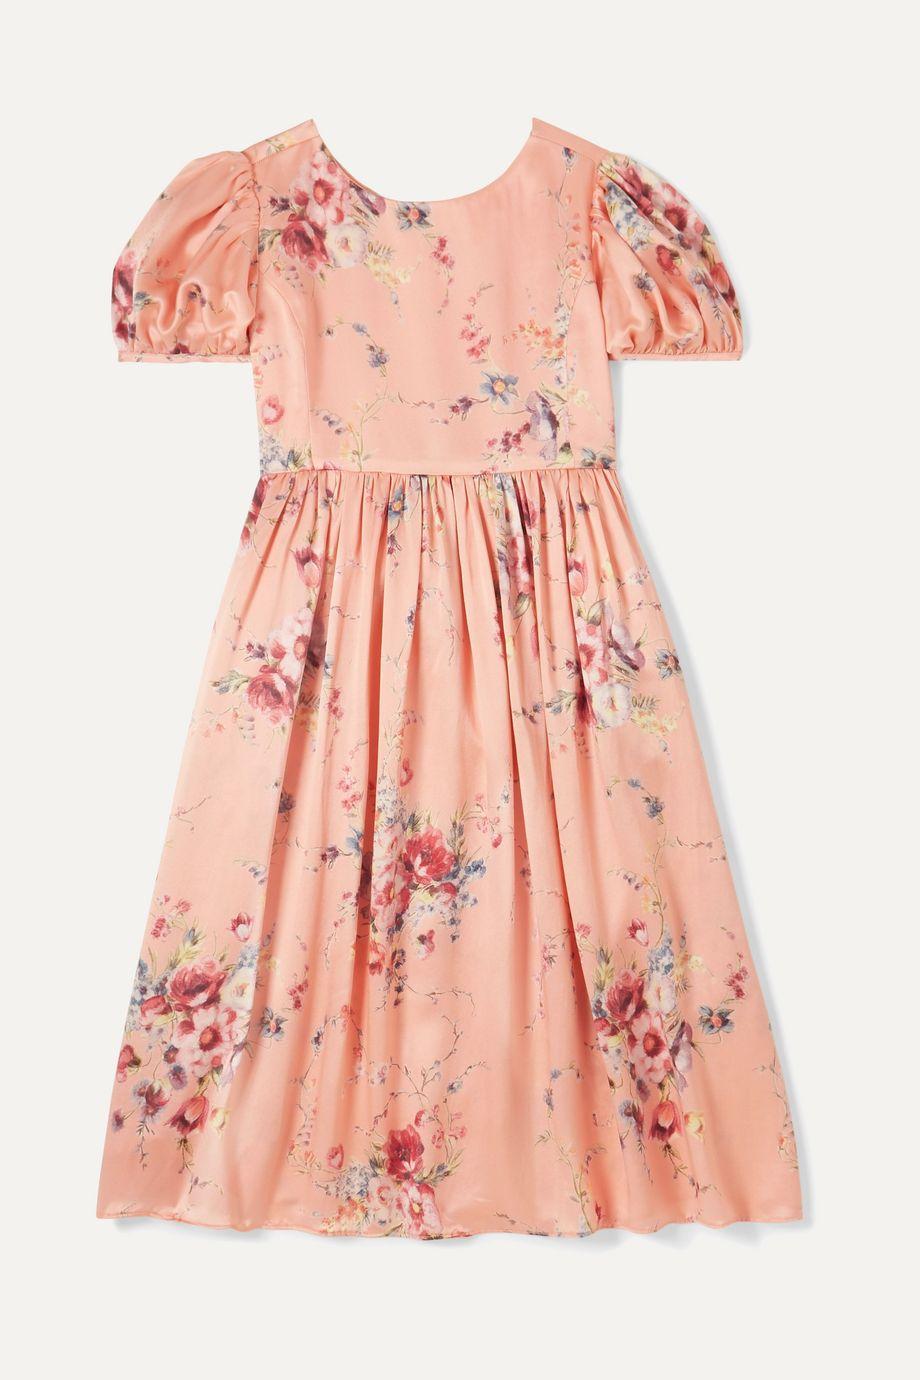 LoveShackFancy Kids Holly Kleid aus Duchesse-Seidensatin mit Blumenprint